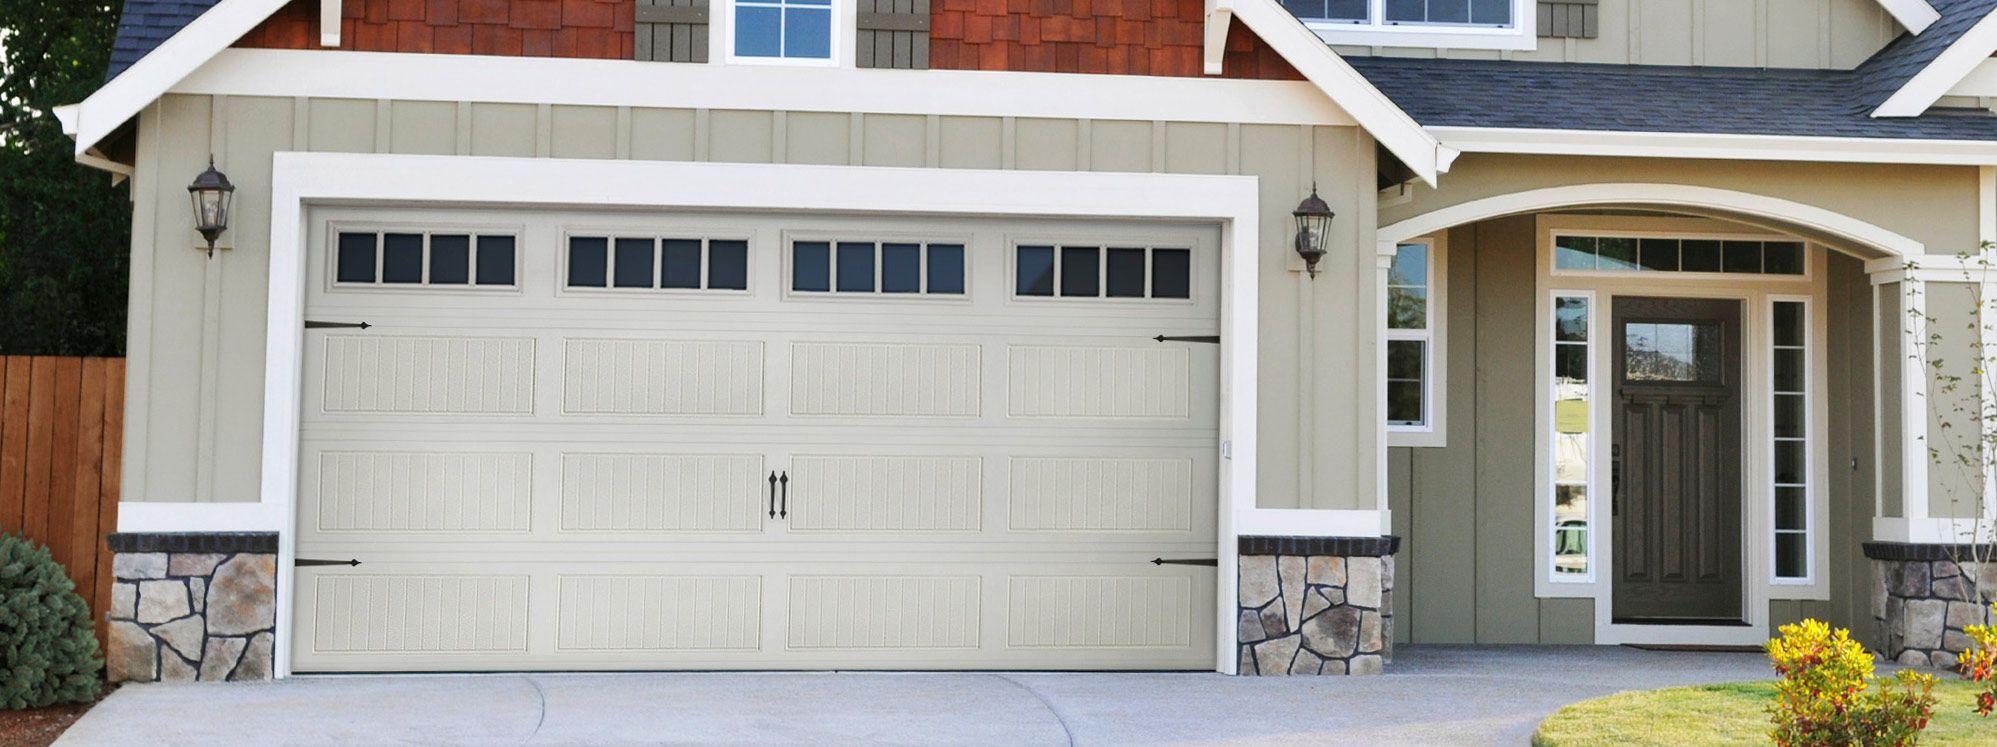 Garage door repair and installation in irvine ca garage for Garage door repair lake forest